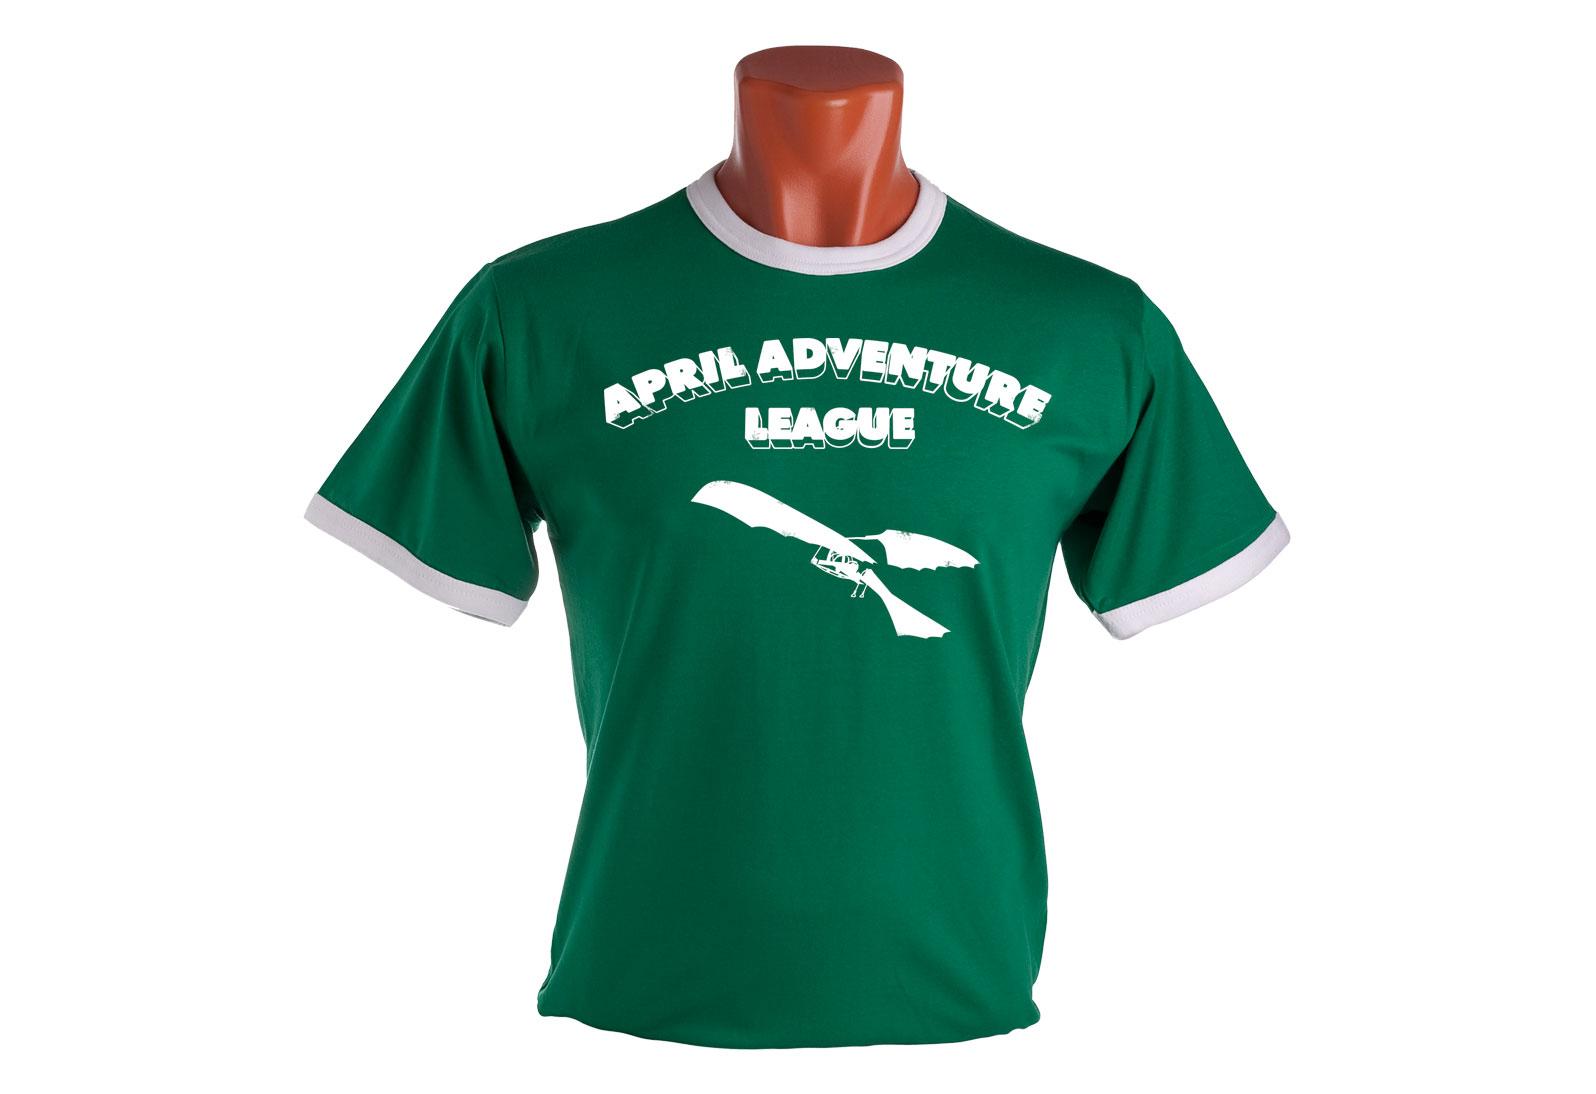 April Adventure League Shirt